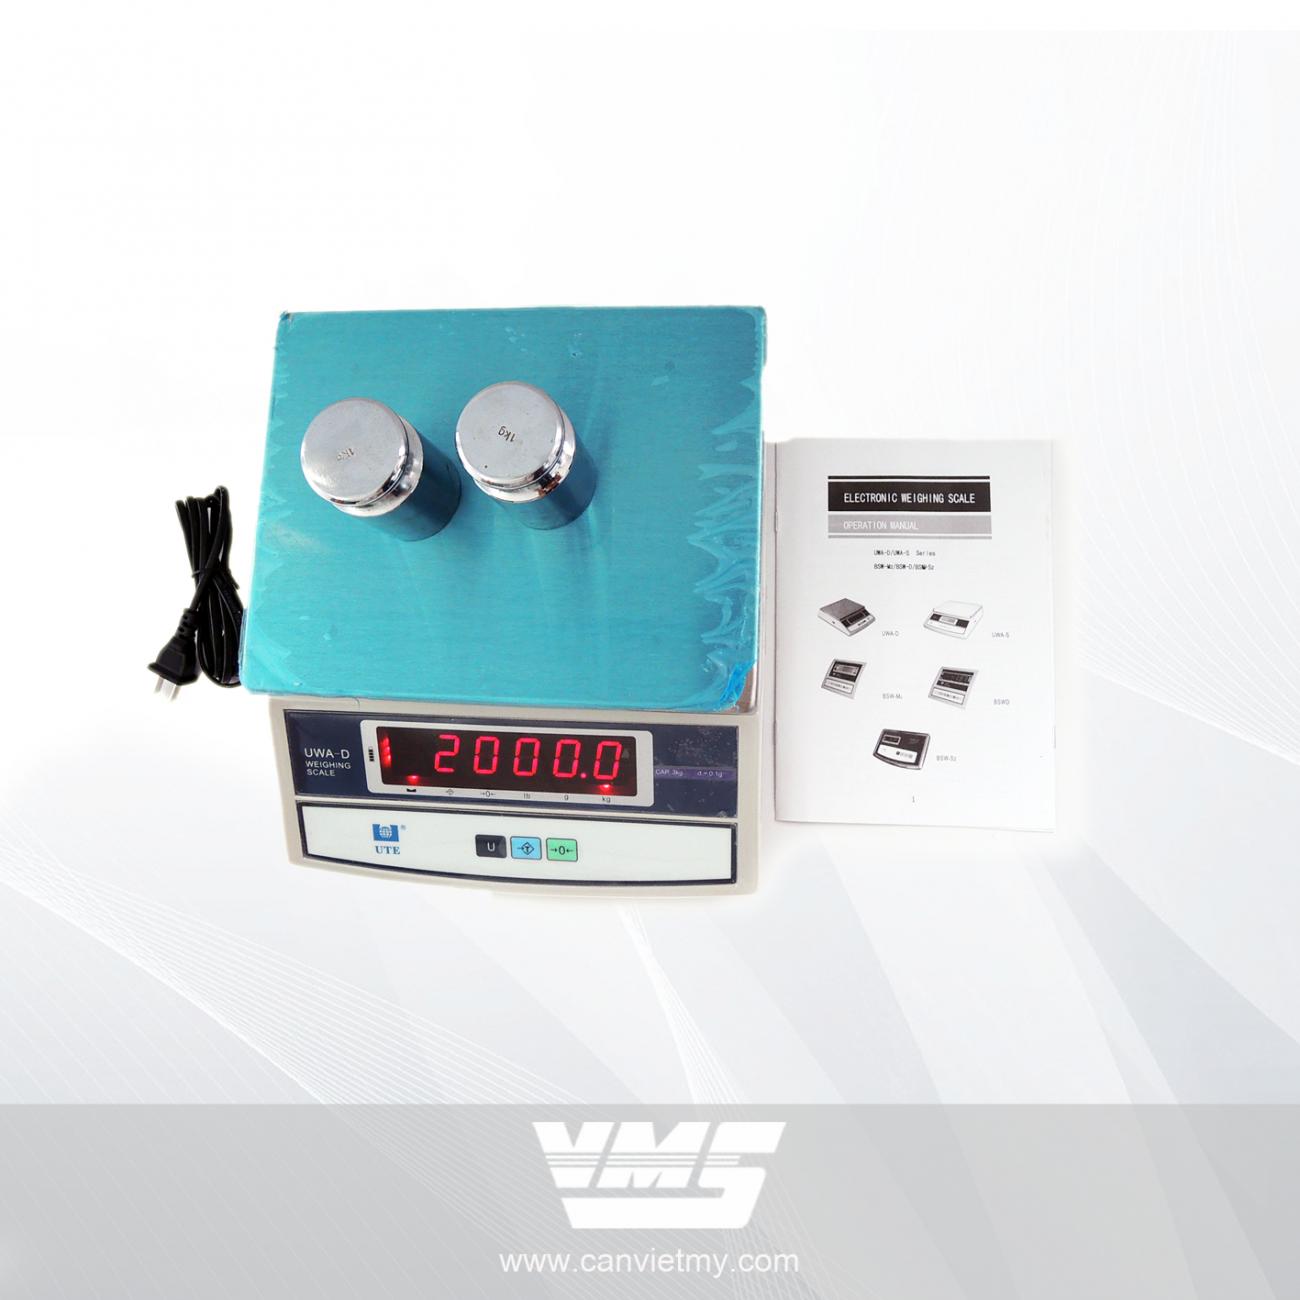 CÂN ĐIỆN TỬ UWA-D 15KG slide 0